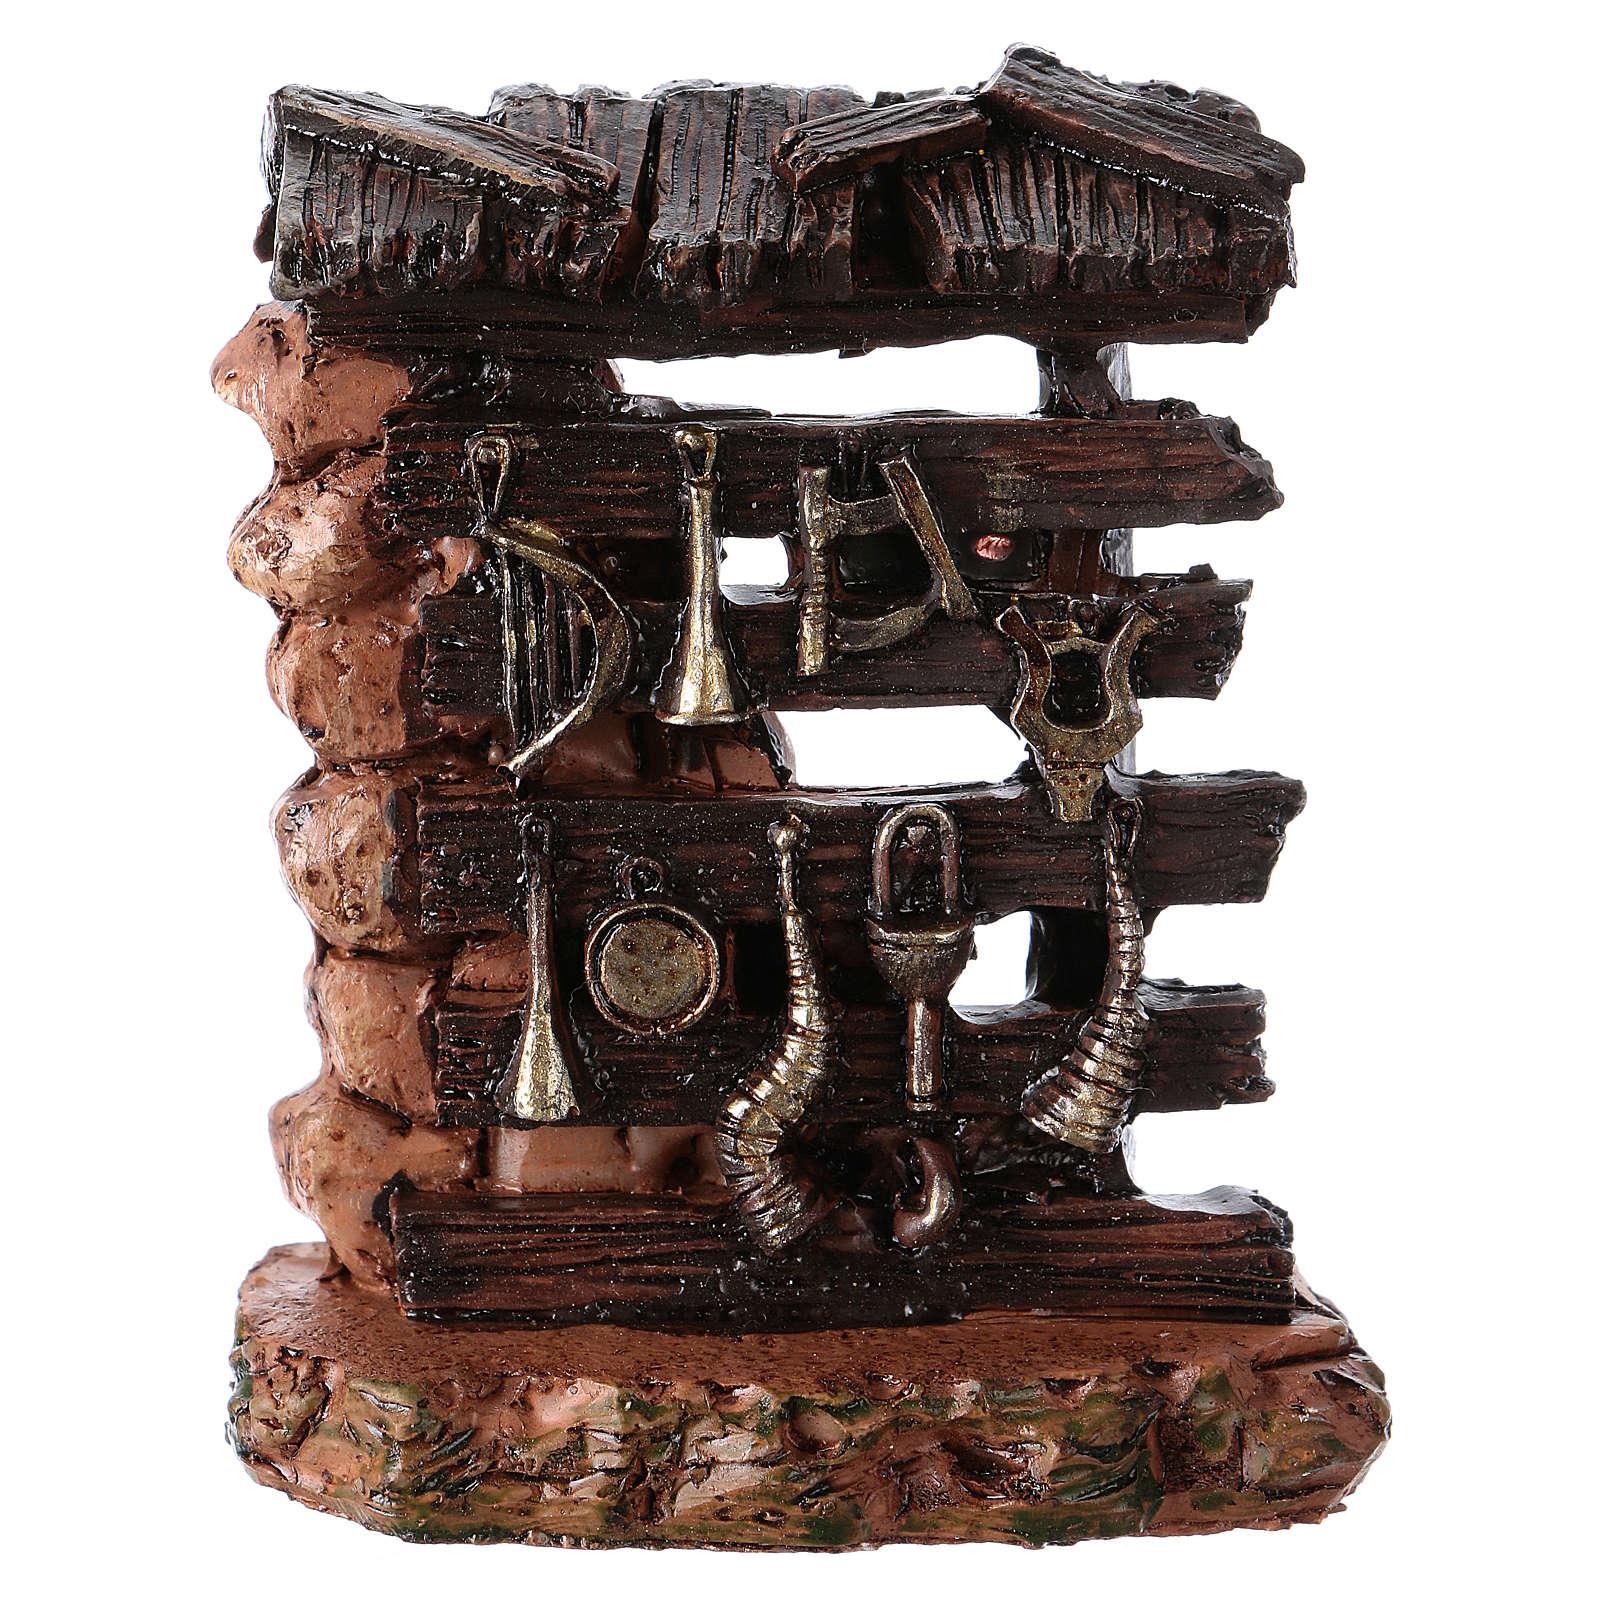 Musician's rack 5x5x3 cm in resin for Nativity Scene 4